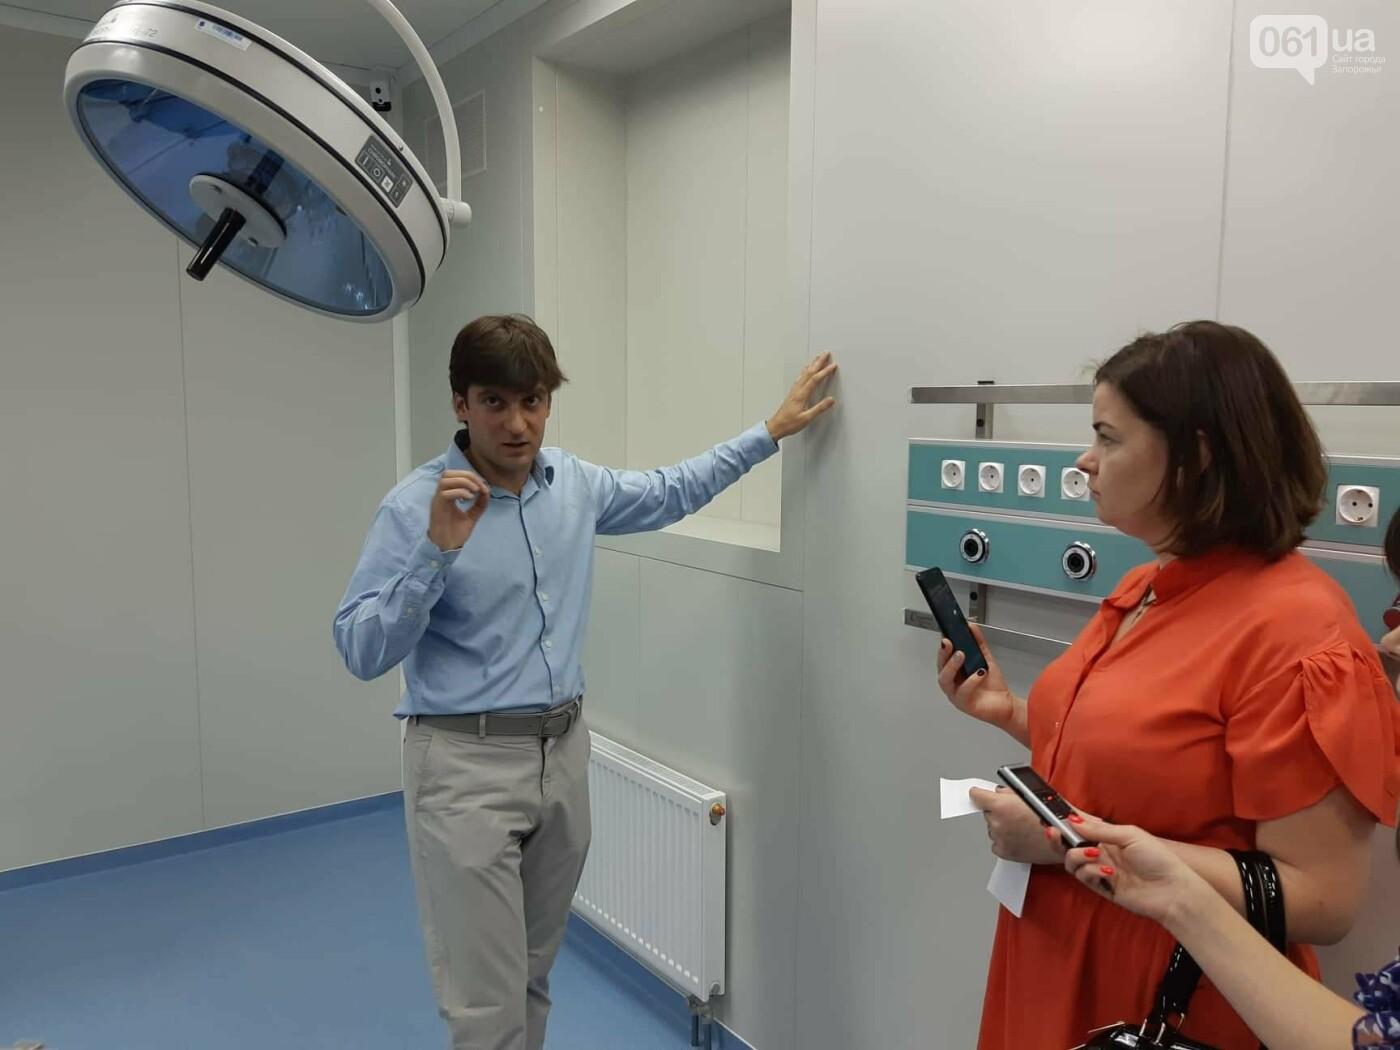 В Запорожье на месте заброшенного долгостроя построили частную клинику: как она выглядит и что будет внутри, - ФОТОРЕПОРТАЖ, фото-10